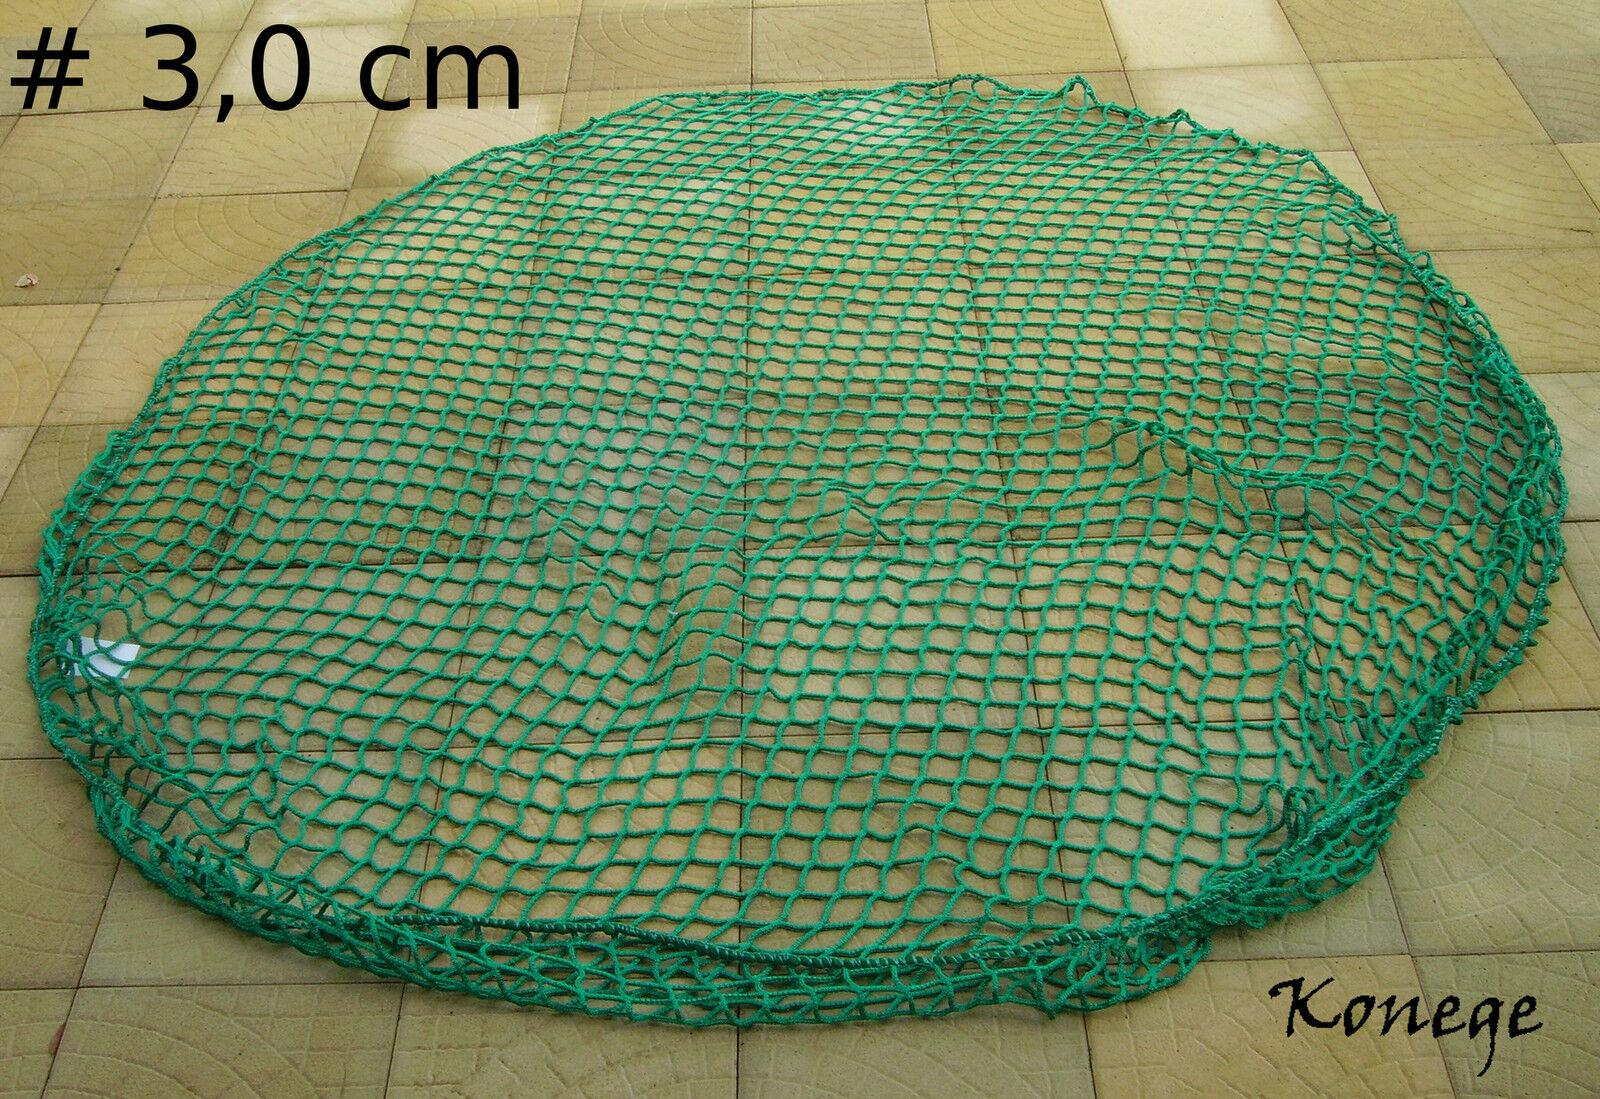 rojoondo Hay lucha de poder, Ø 2, 0 m, MW 3 cm, 4 mm cable de rojo de heno para cubrir el tejido,